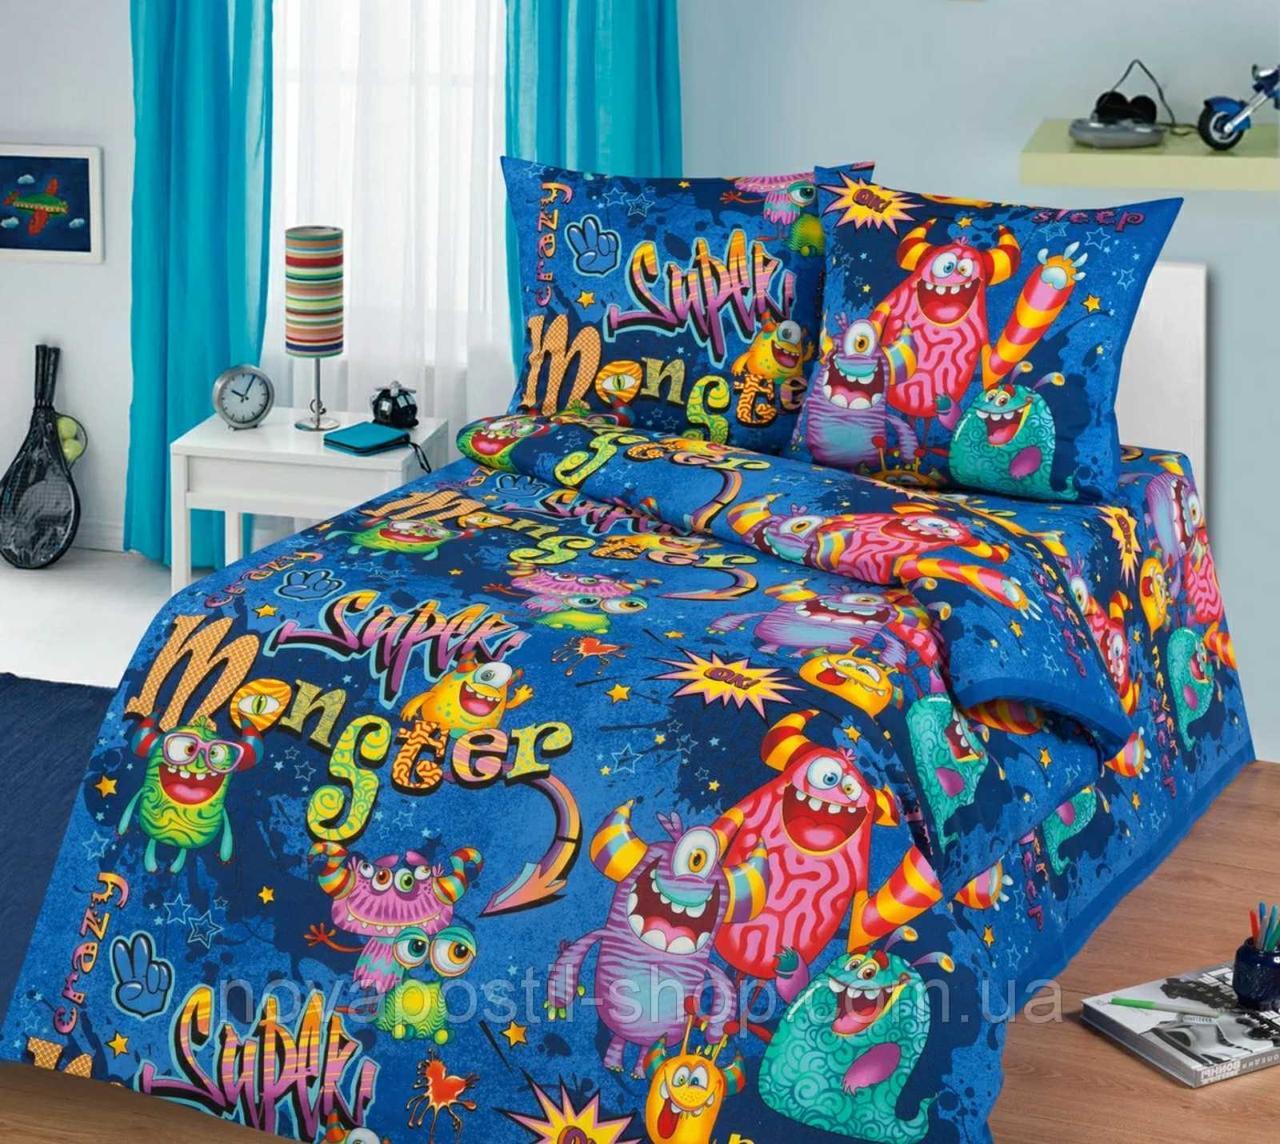 Комплект детского постельного полуторного белья Супер Монстры, Бязь Люкс